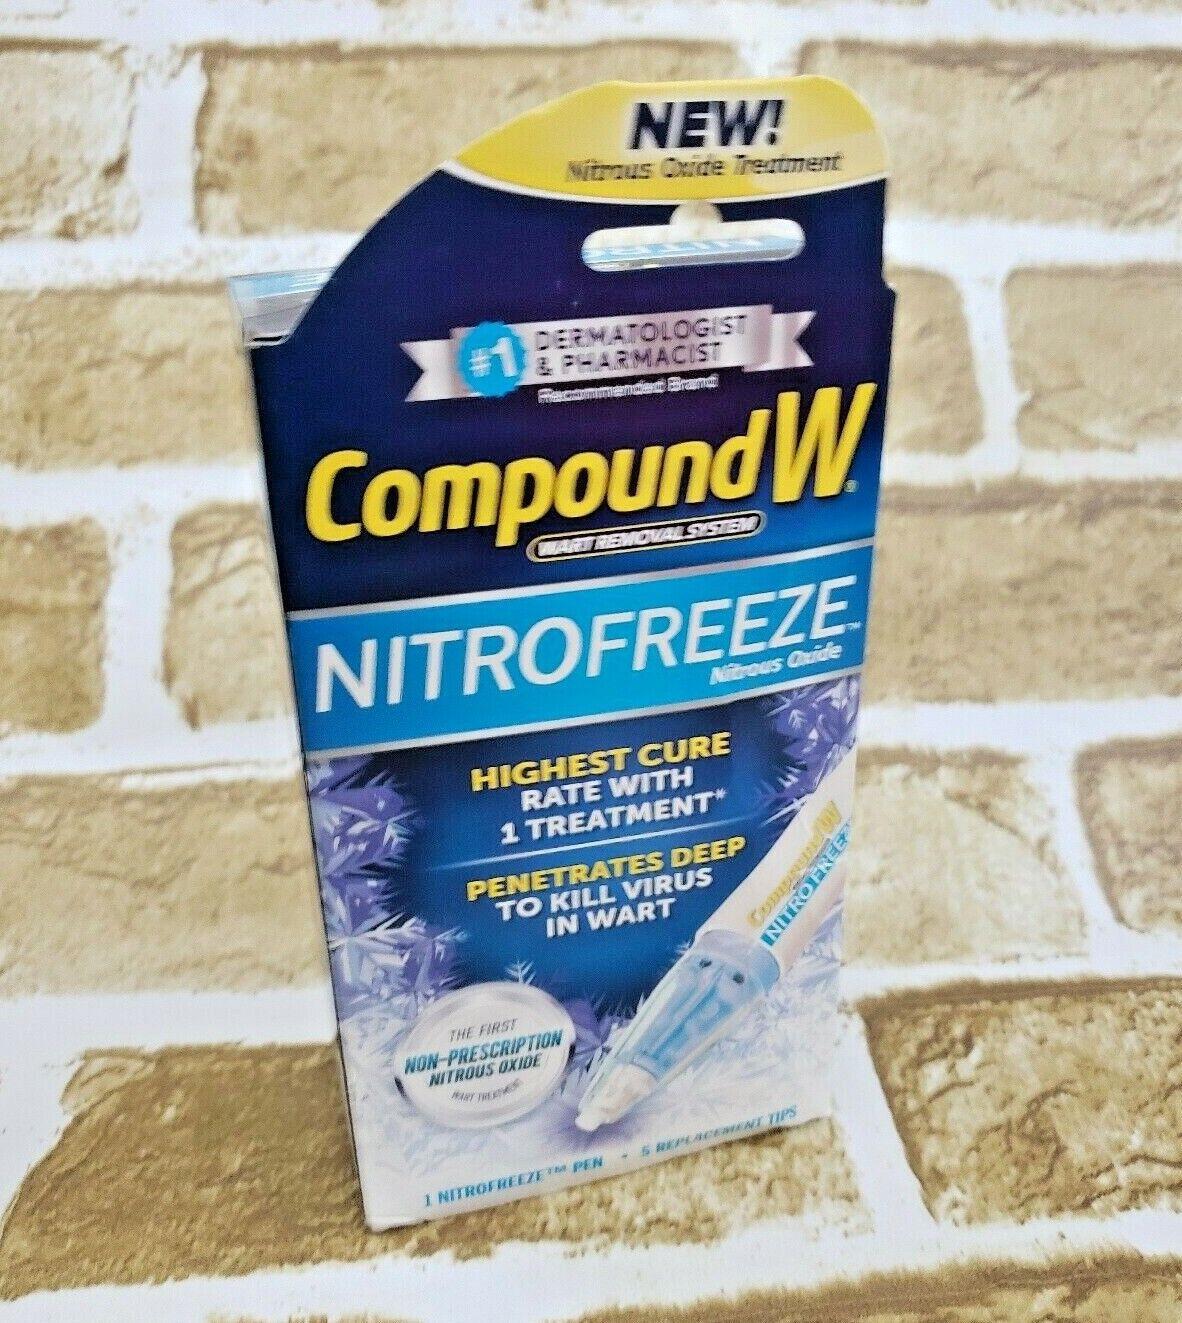 Compound W Wart Removal System | NITROFREEZE | 1 Nitrofreeze